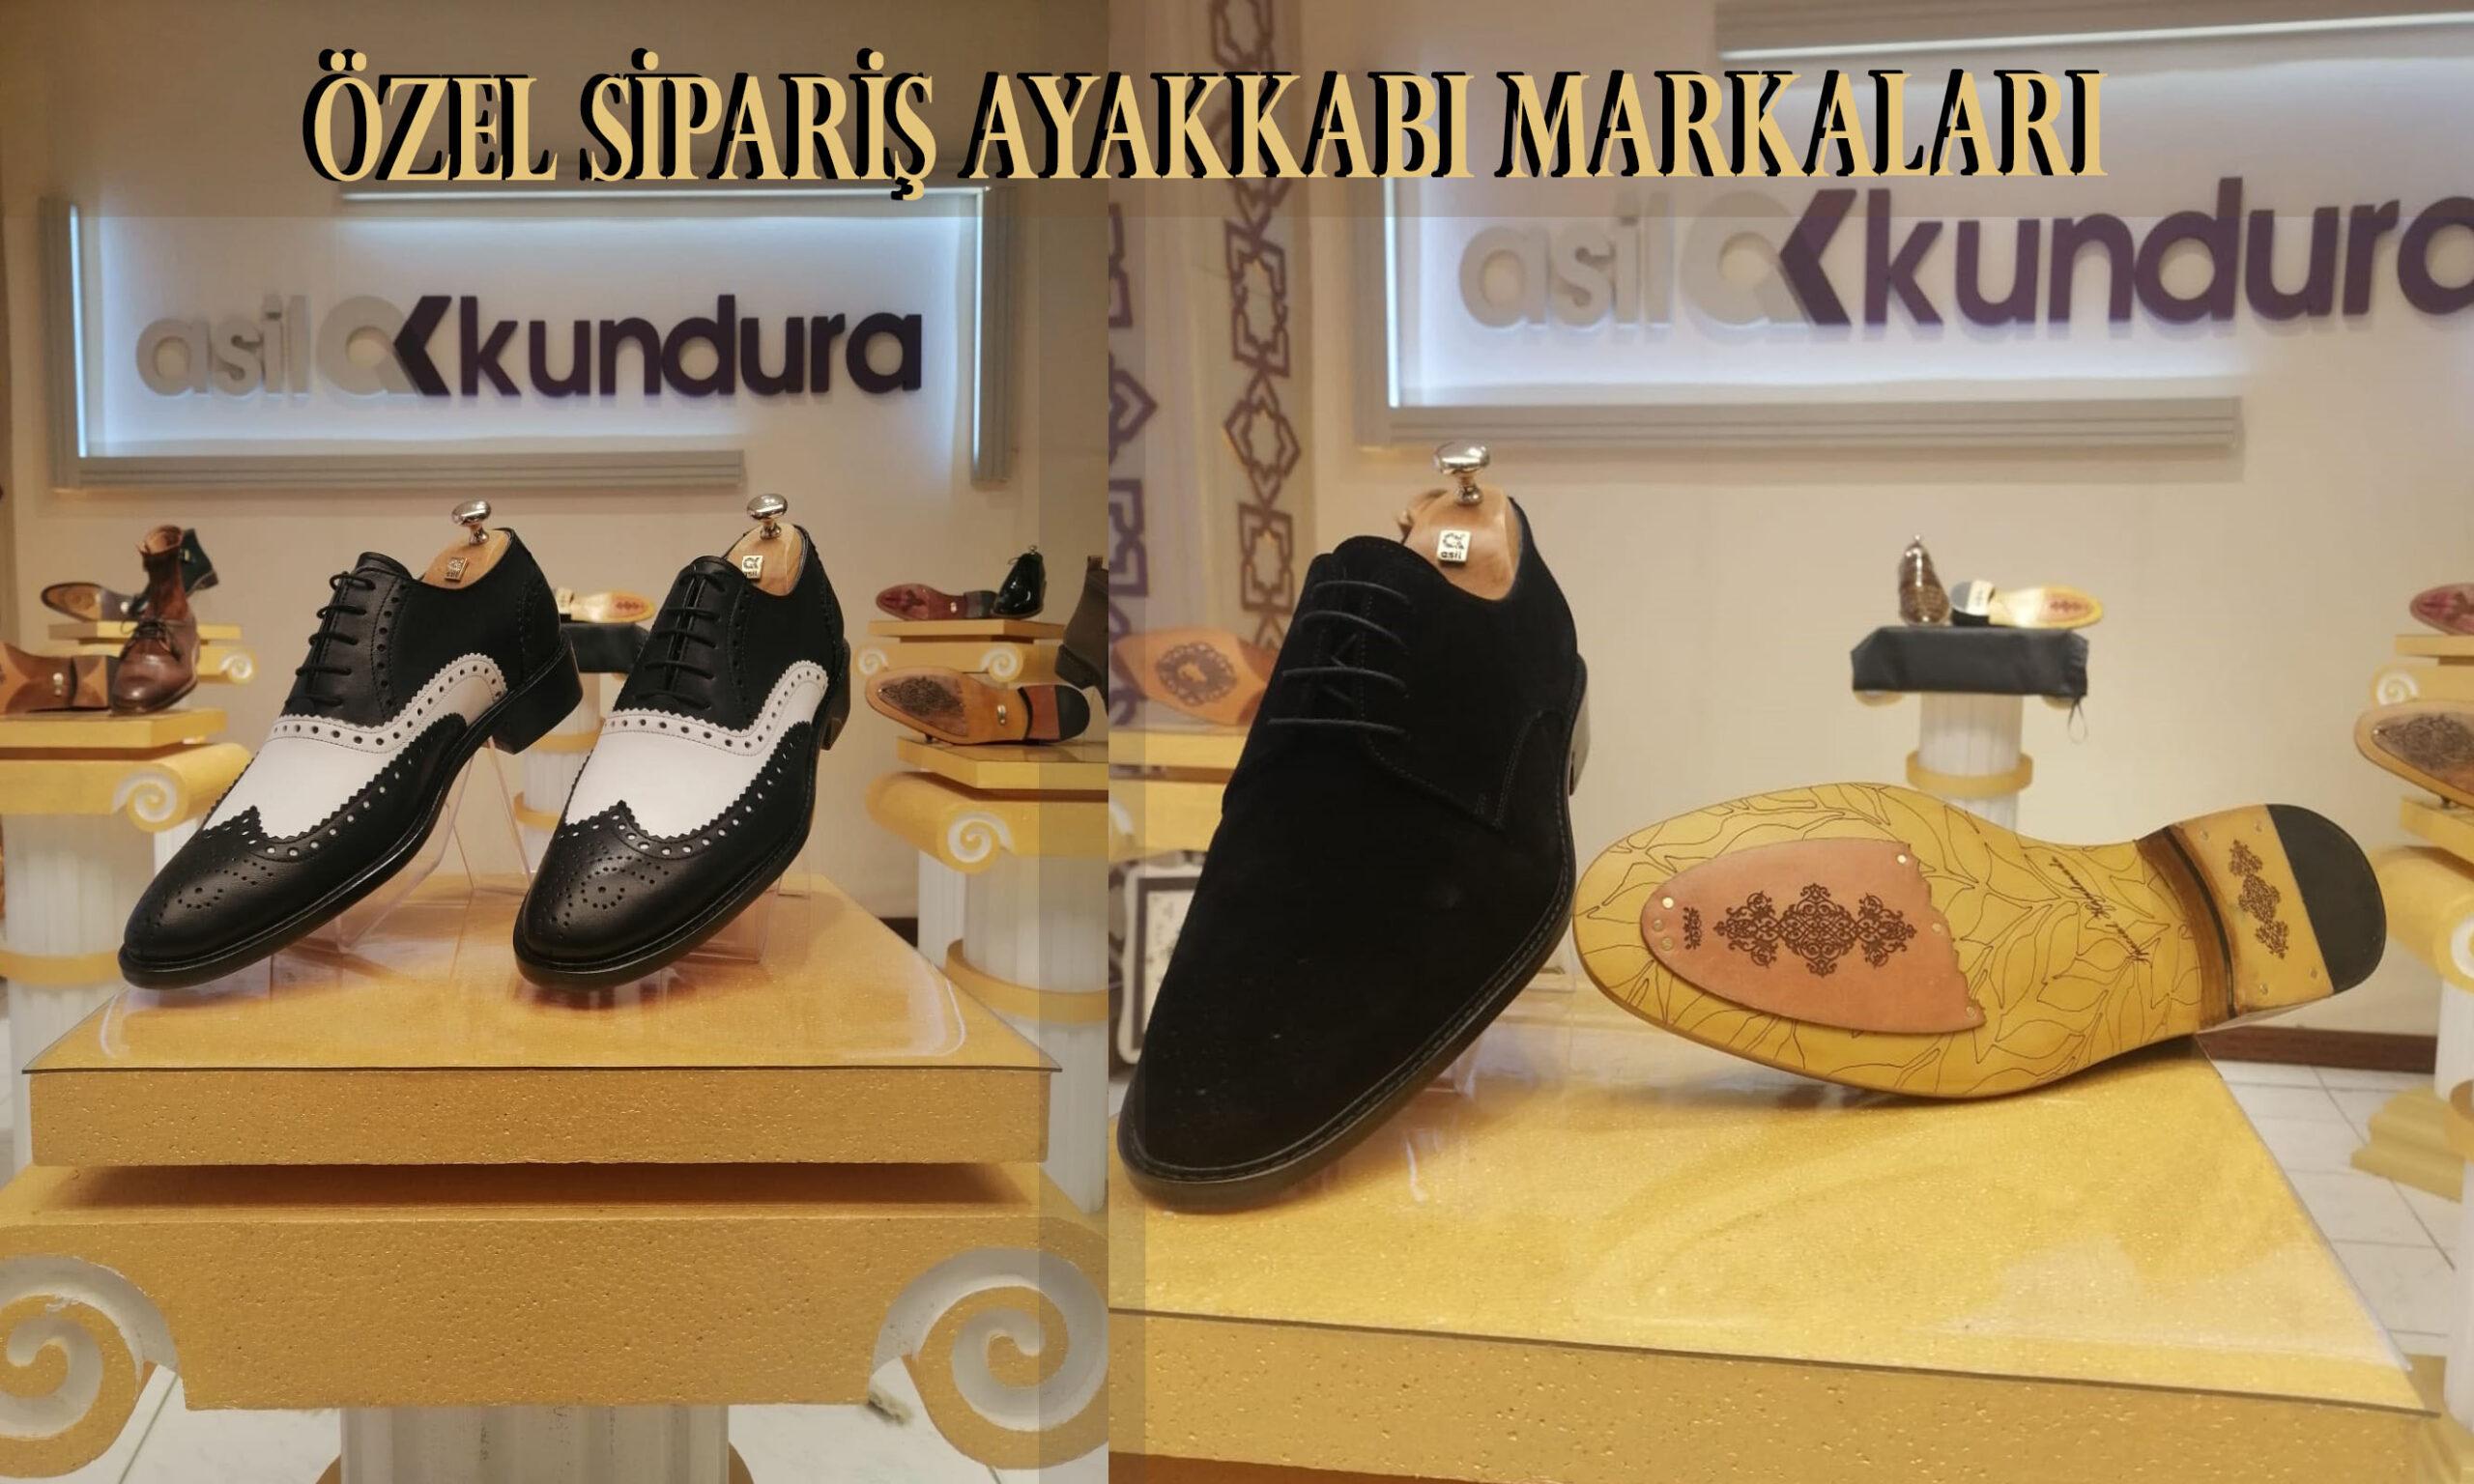 Özel Sipariş Ayakkabı Markaları